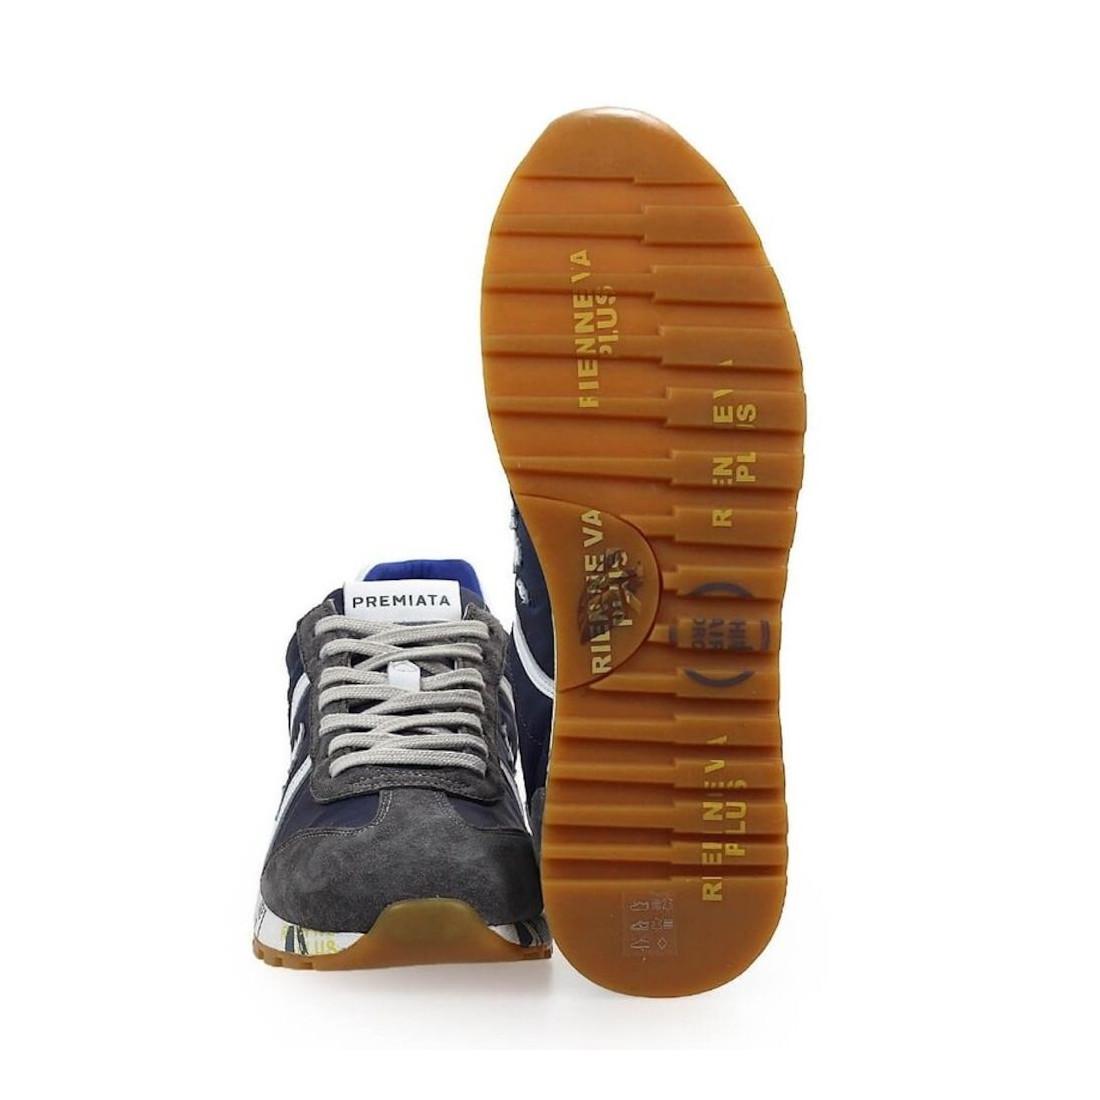 sneakers herren premiata lucy4573 c 8567